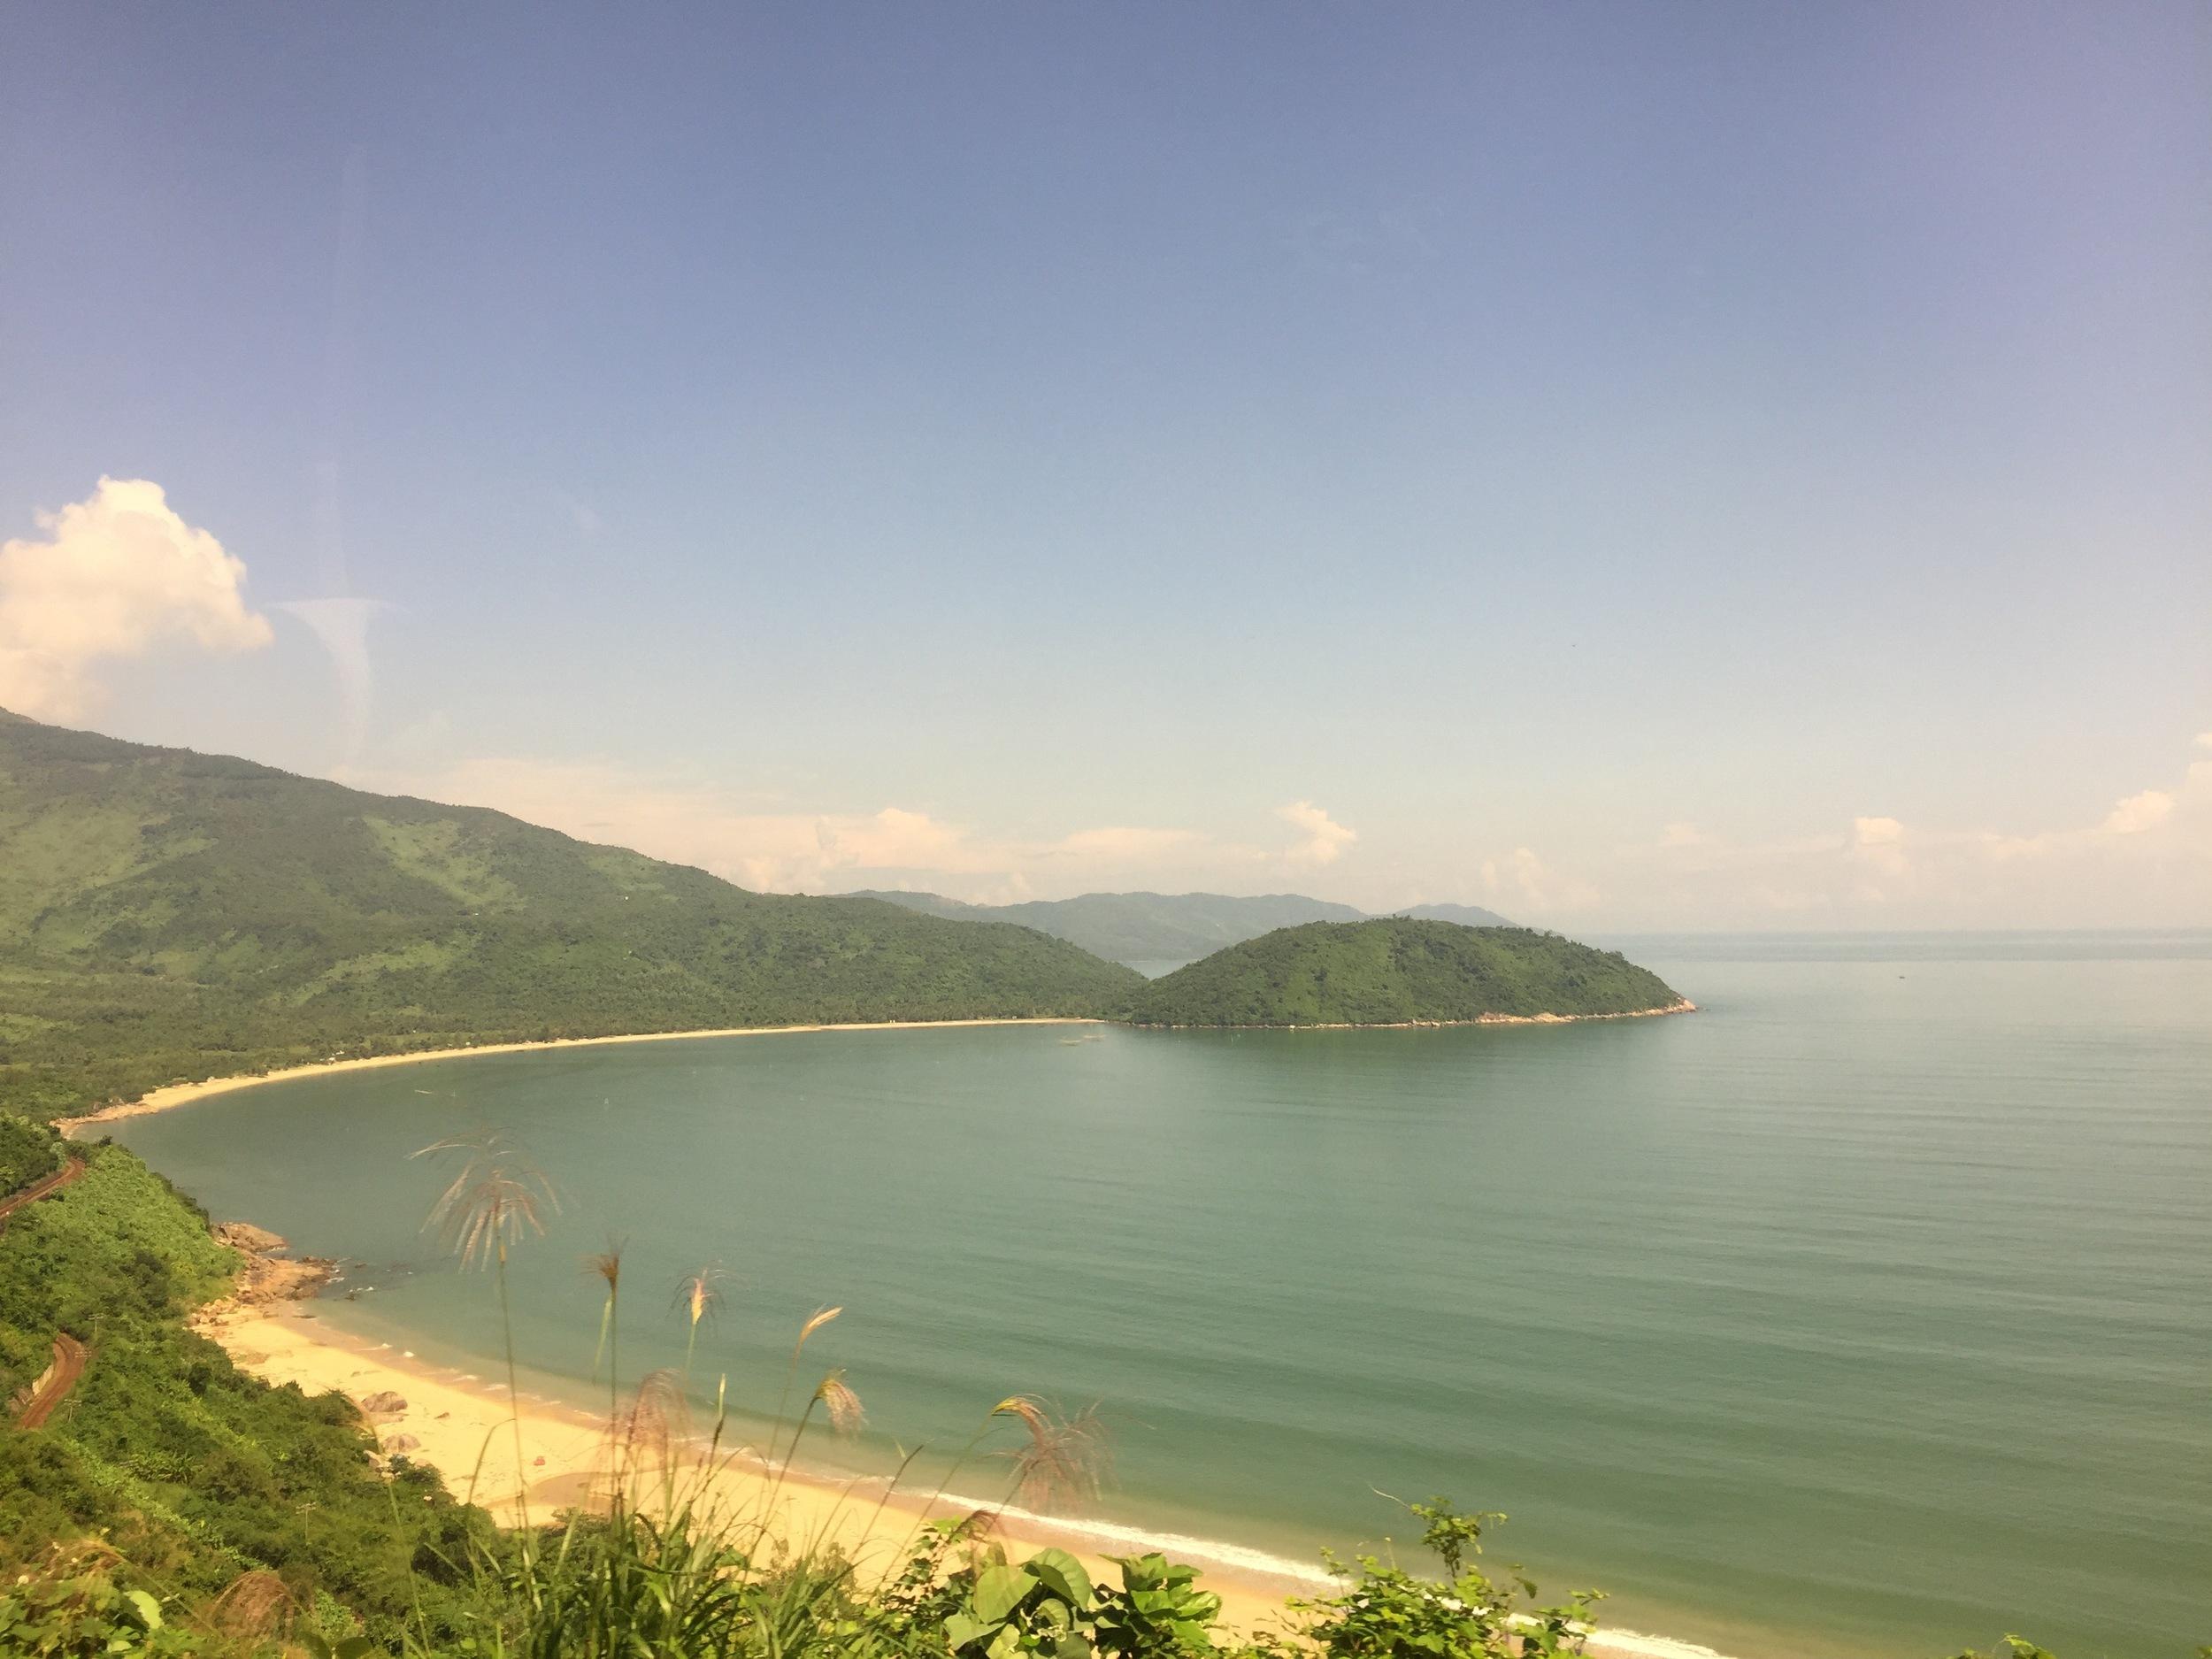 China Beach at Da Nang.